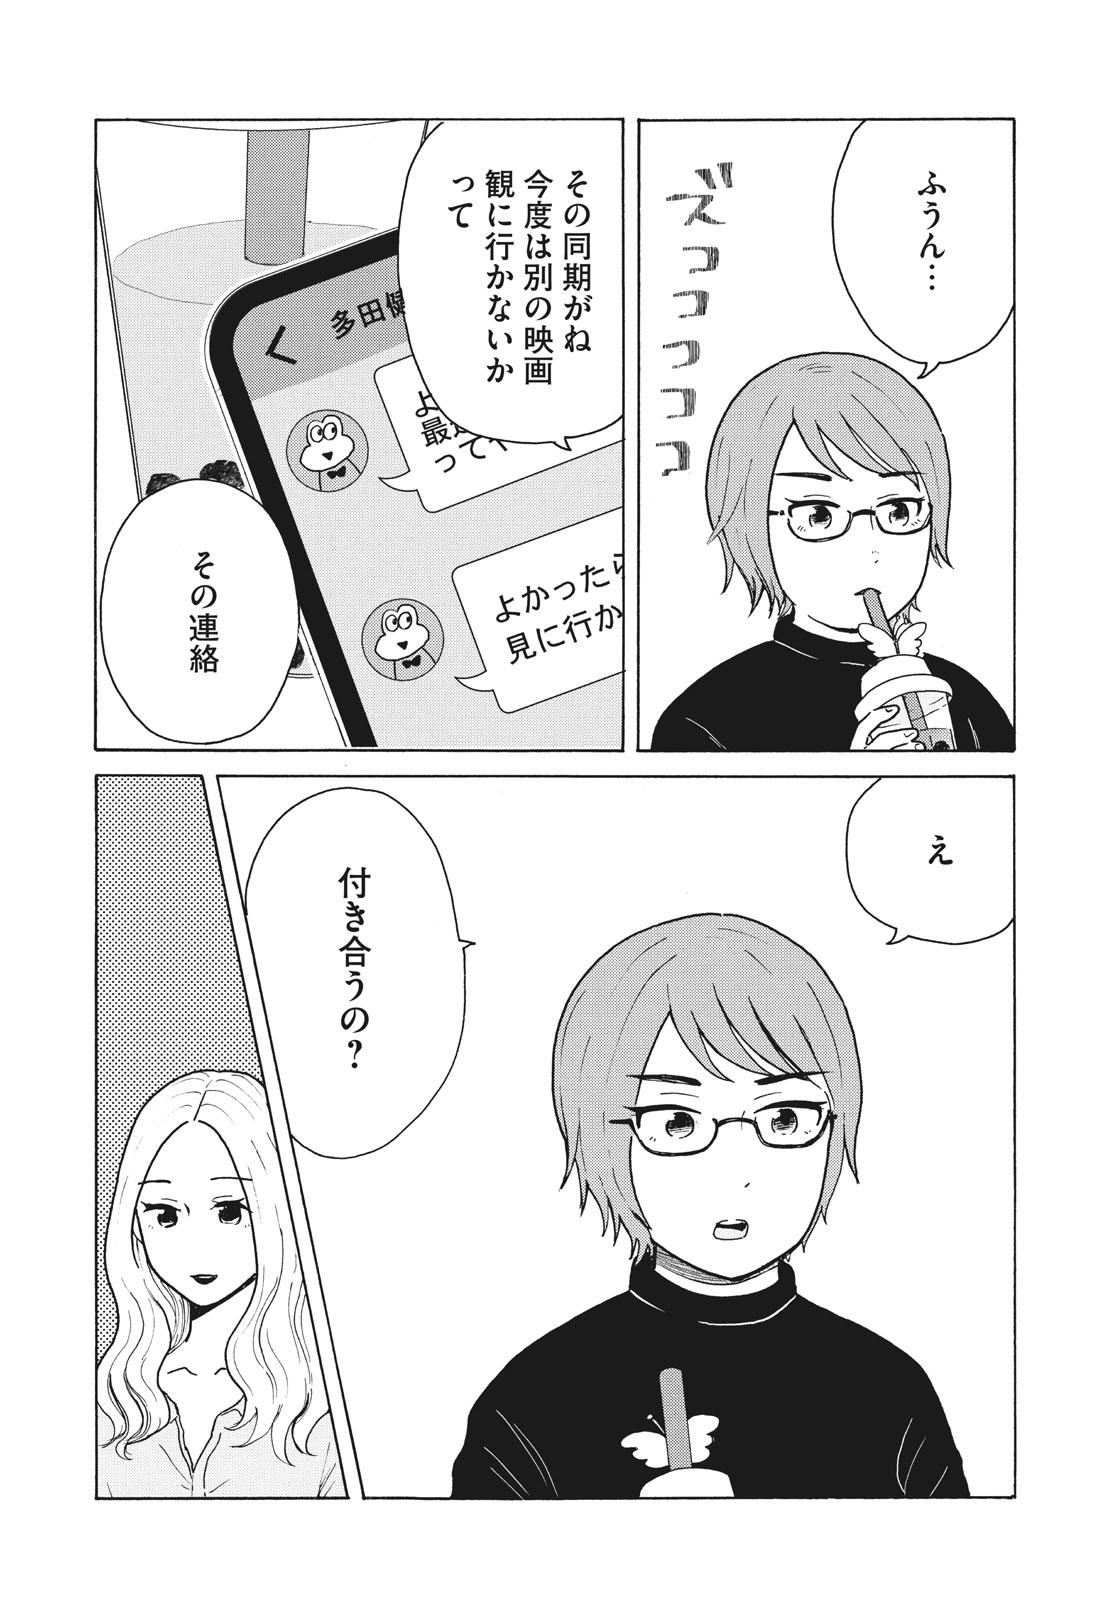 003_30日_2020_011_E.jpg